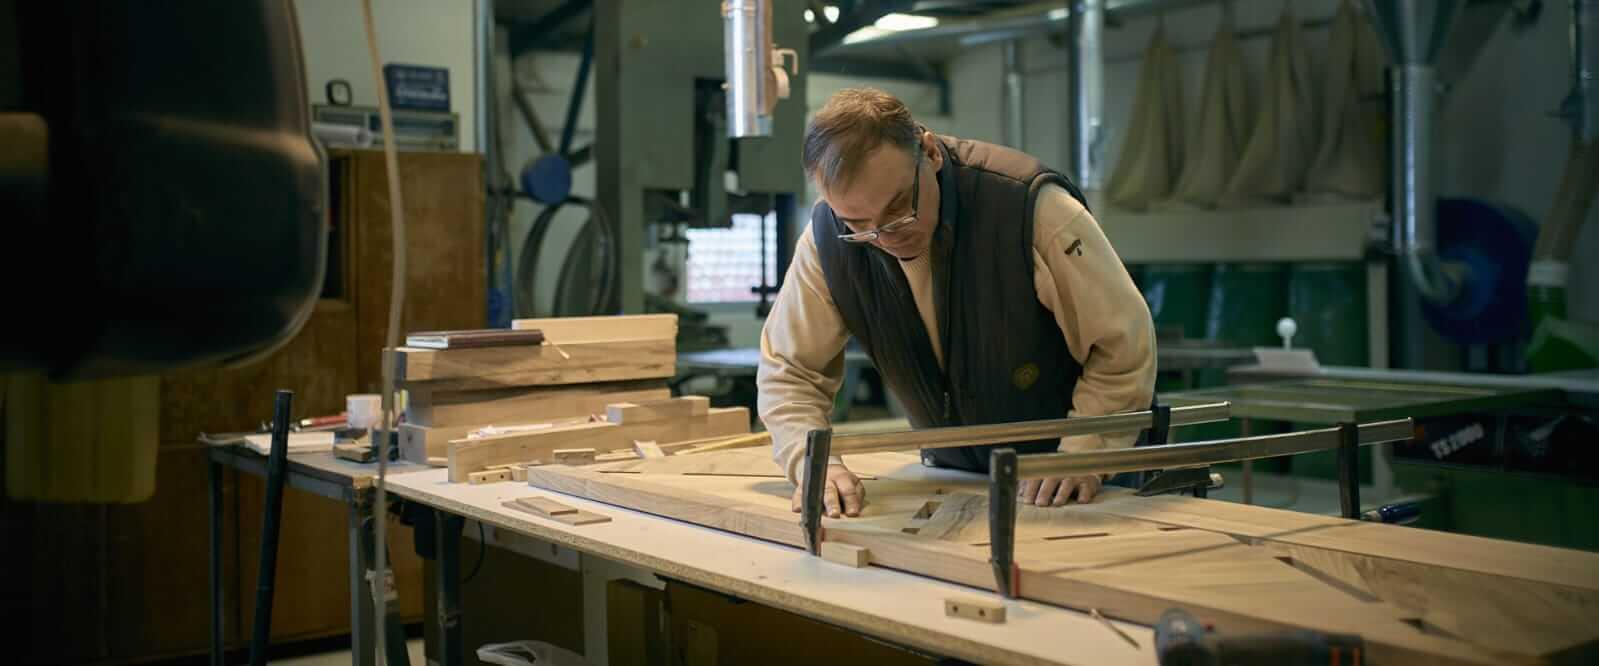 מיטה מעץ אגוז בעבודת יד